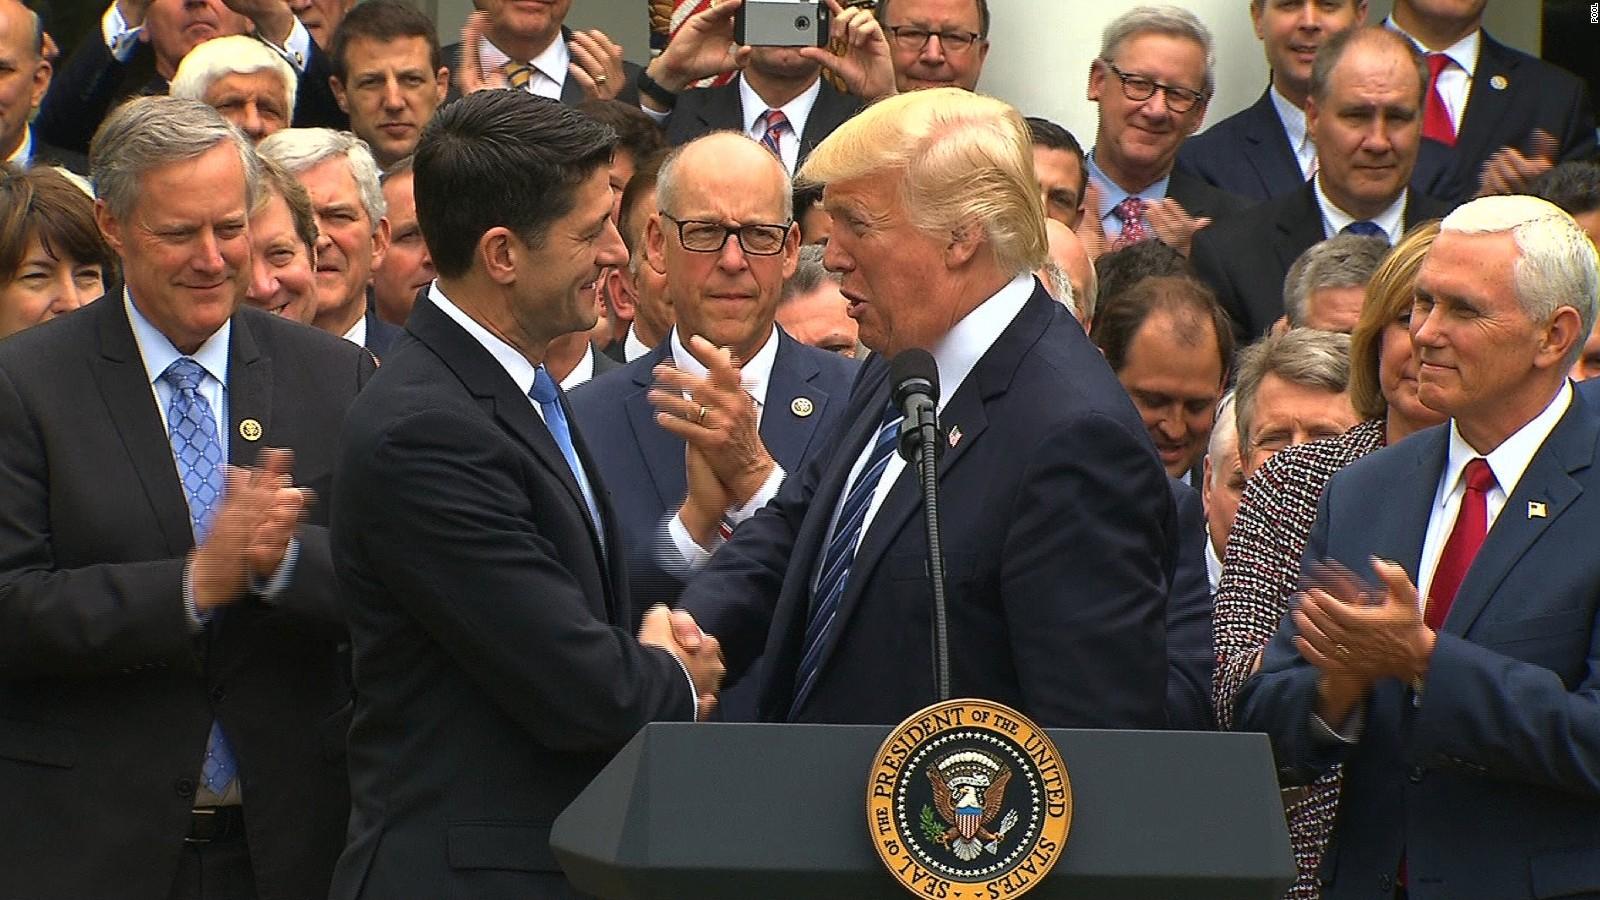 """Résultat de recherche d'images pour """"donald trump, health, obamacare, new reforms, donald trump, 2017"""""""